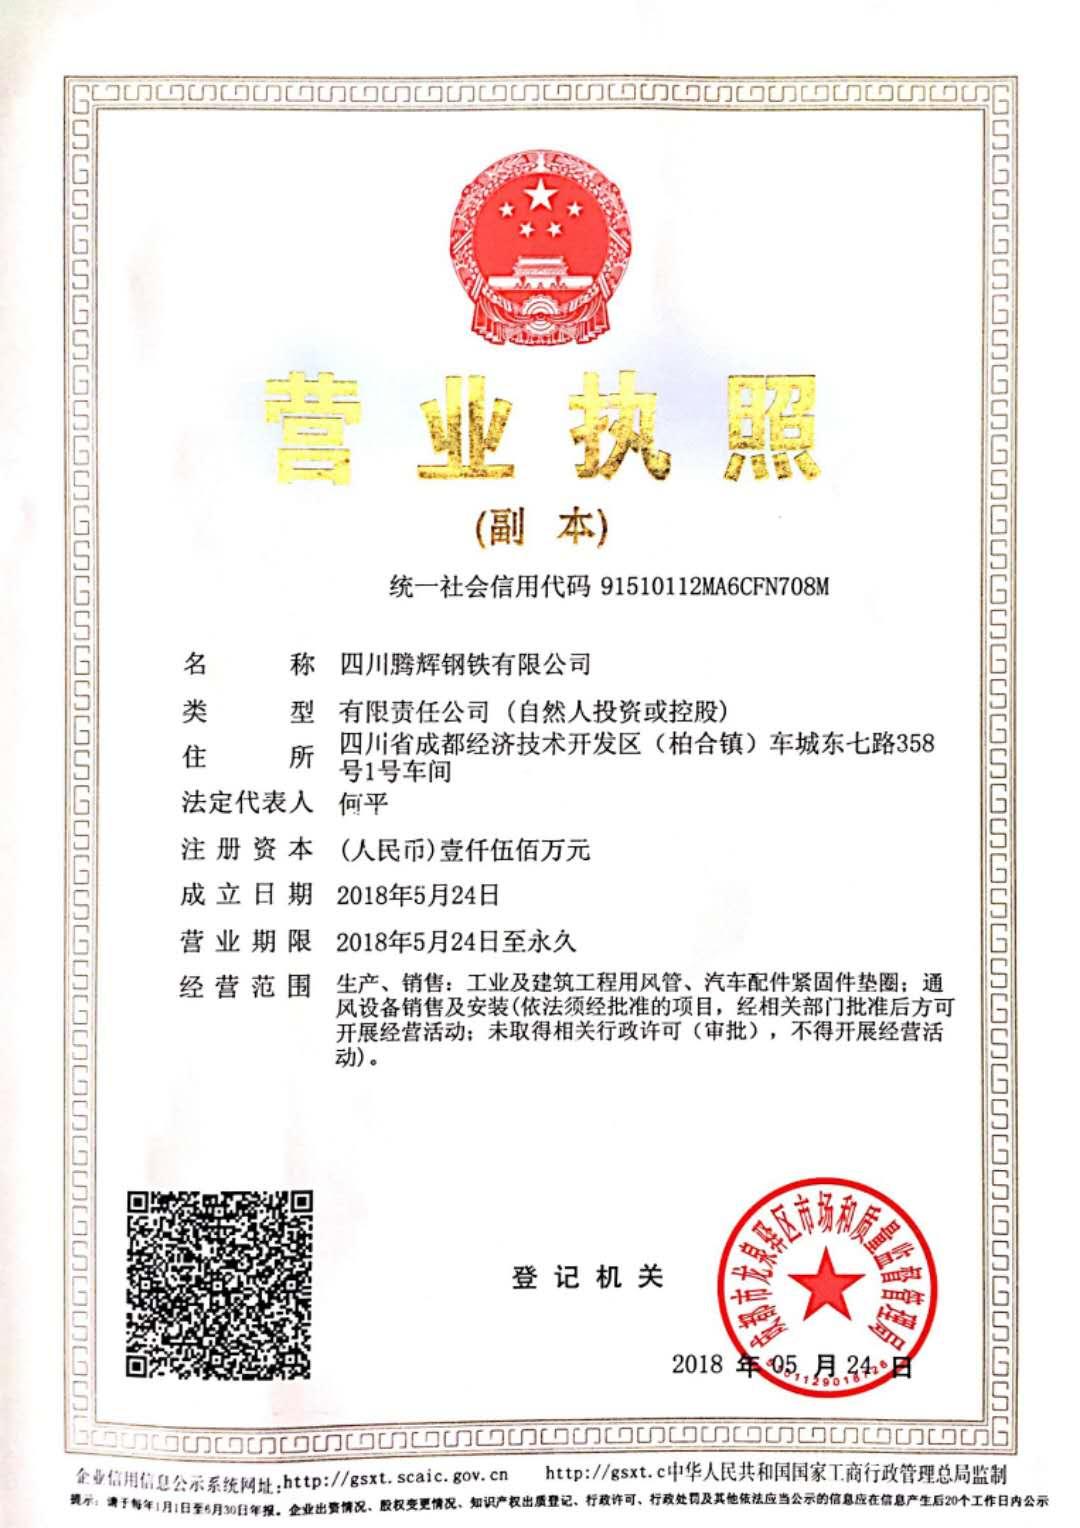 四川不锈钢风管厂家营业执照